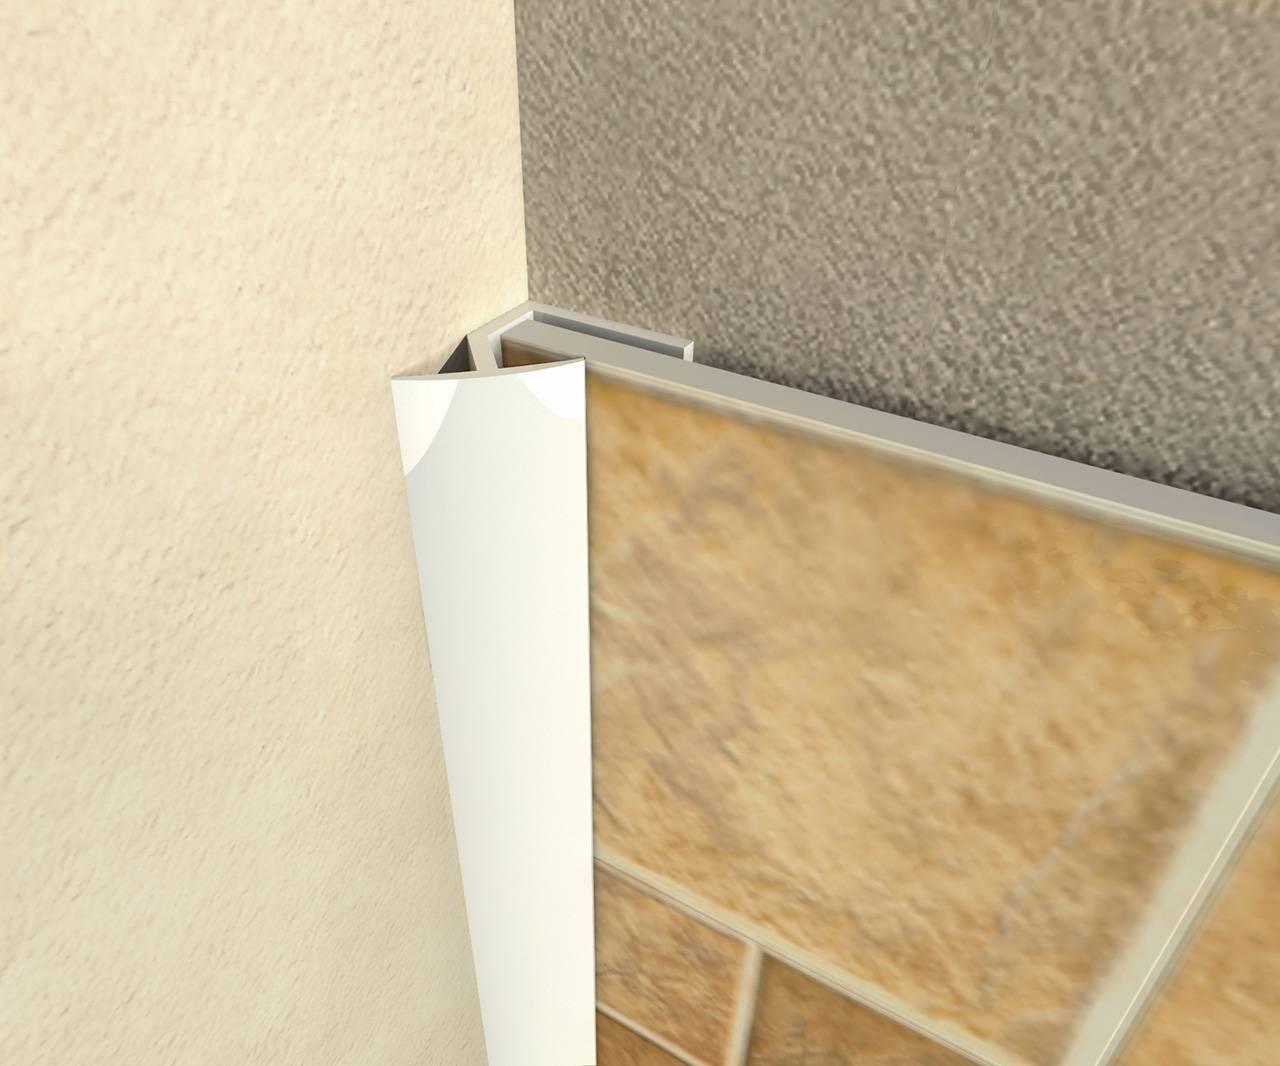 Отделка стен пластиковыми панелями: монтаж обрешетки и обшивка